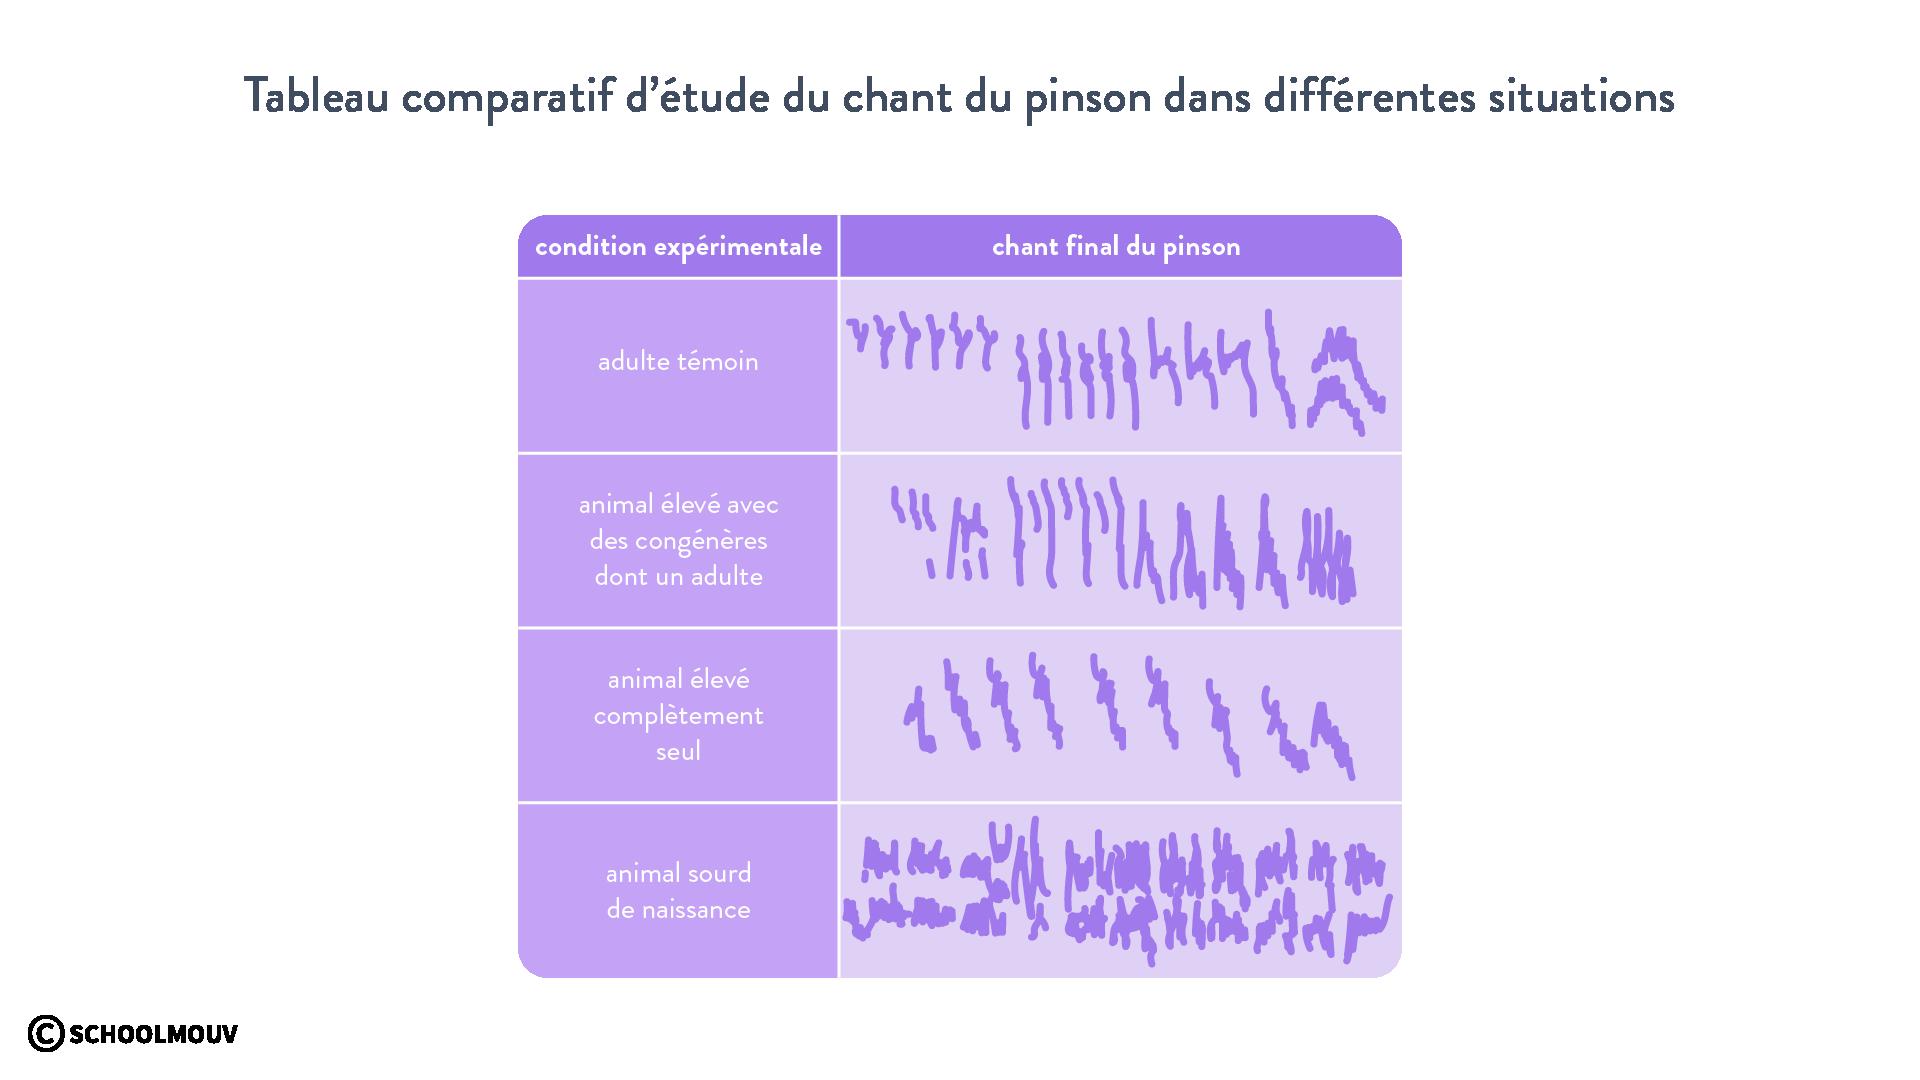 Tableau comparatif d'étude du chant du pinson dans différentes situations